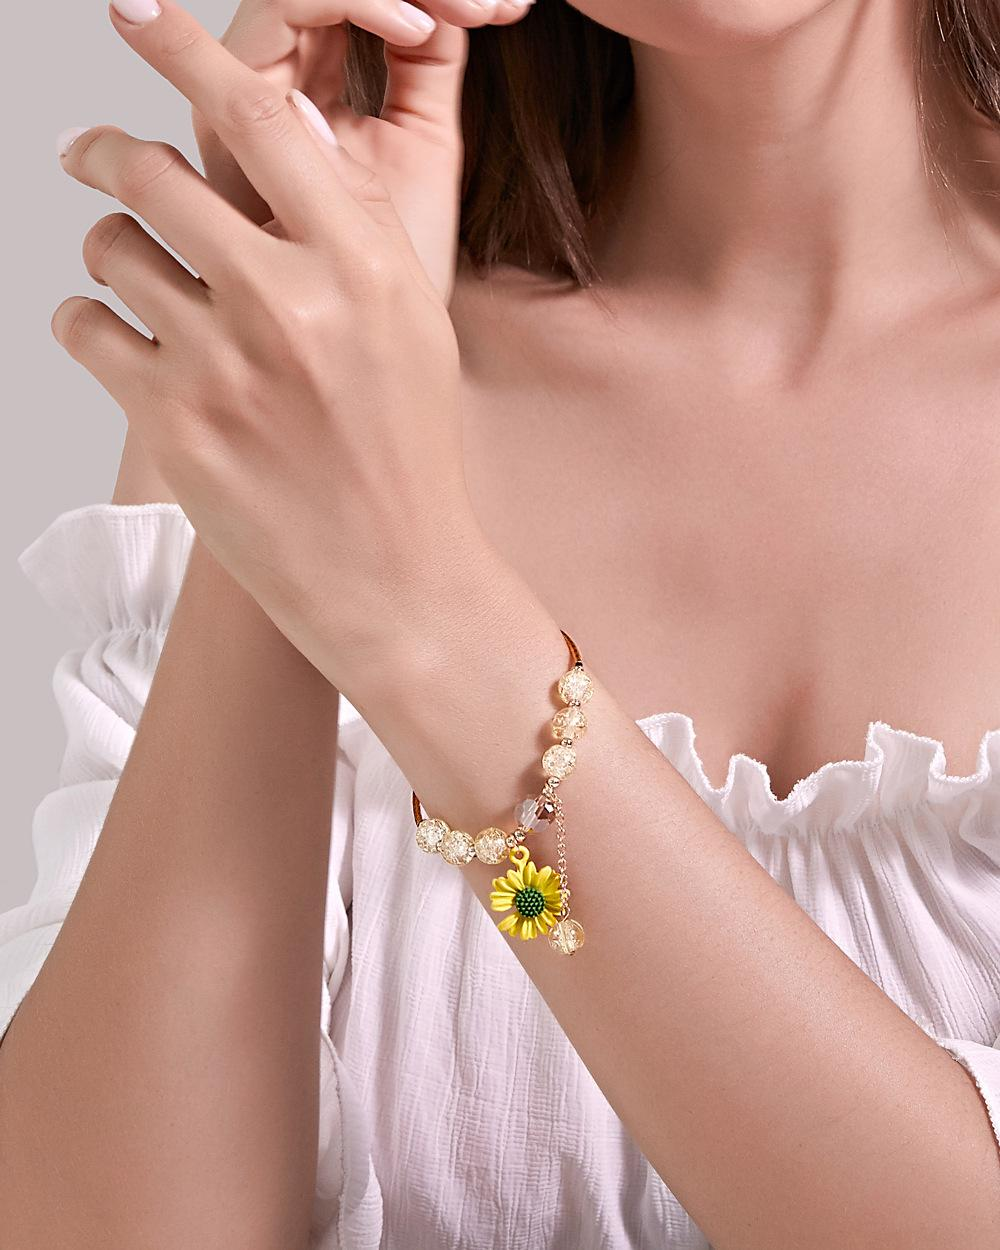 Kadınlar Kızlar Charm Papatya Kolye Bileklik Çiçek Bileklik Takı Kız Hediyesi için Ins Çiçek Boncuklu Bilezikler